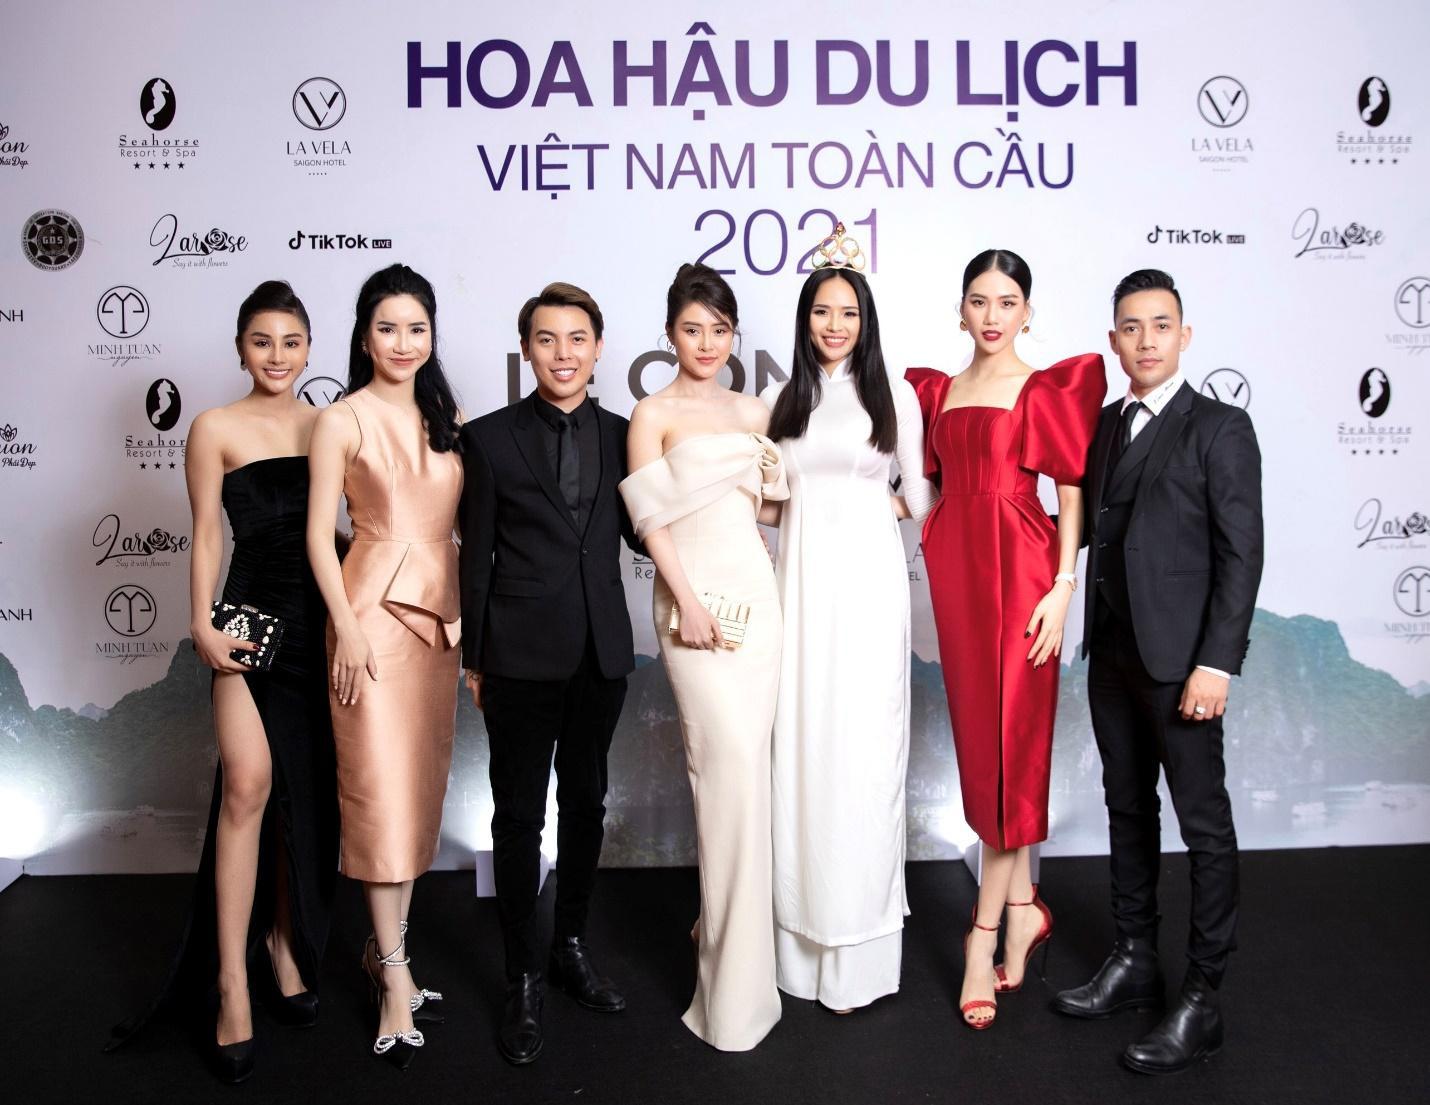 Kenbi Khánh Phạm: 9X ngồi ghế Chủ tịch Hoa hậu Du lịch Việt Nam Toàn cầu kiêm bầu show nhóm nhạc For7 là ai? - Ảnh 5.